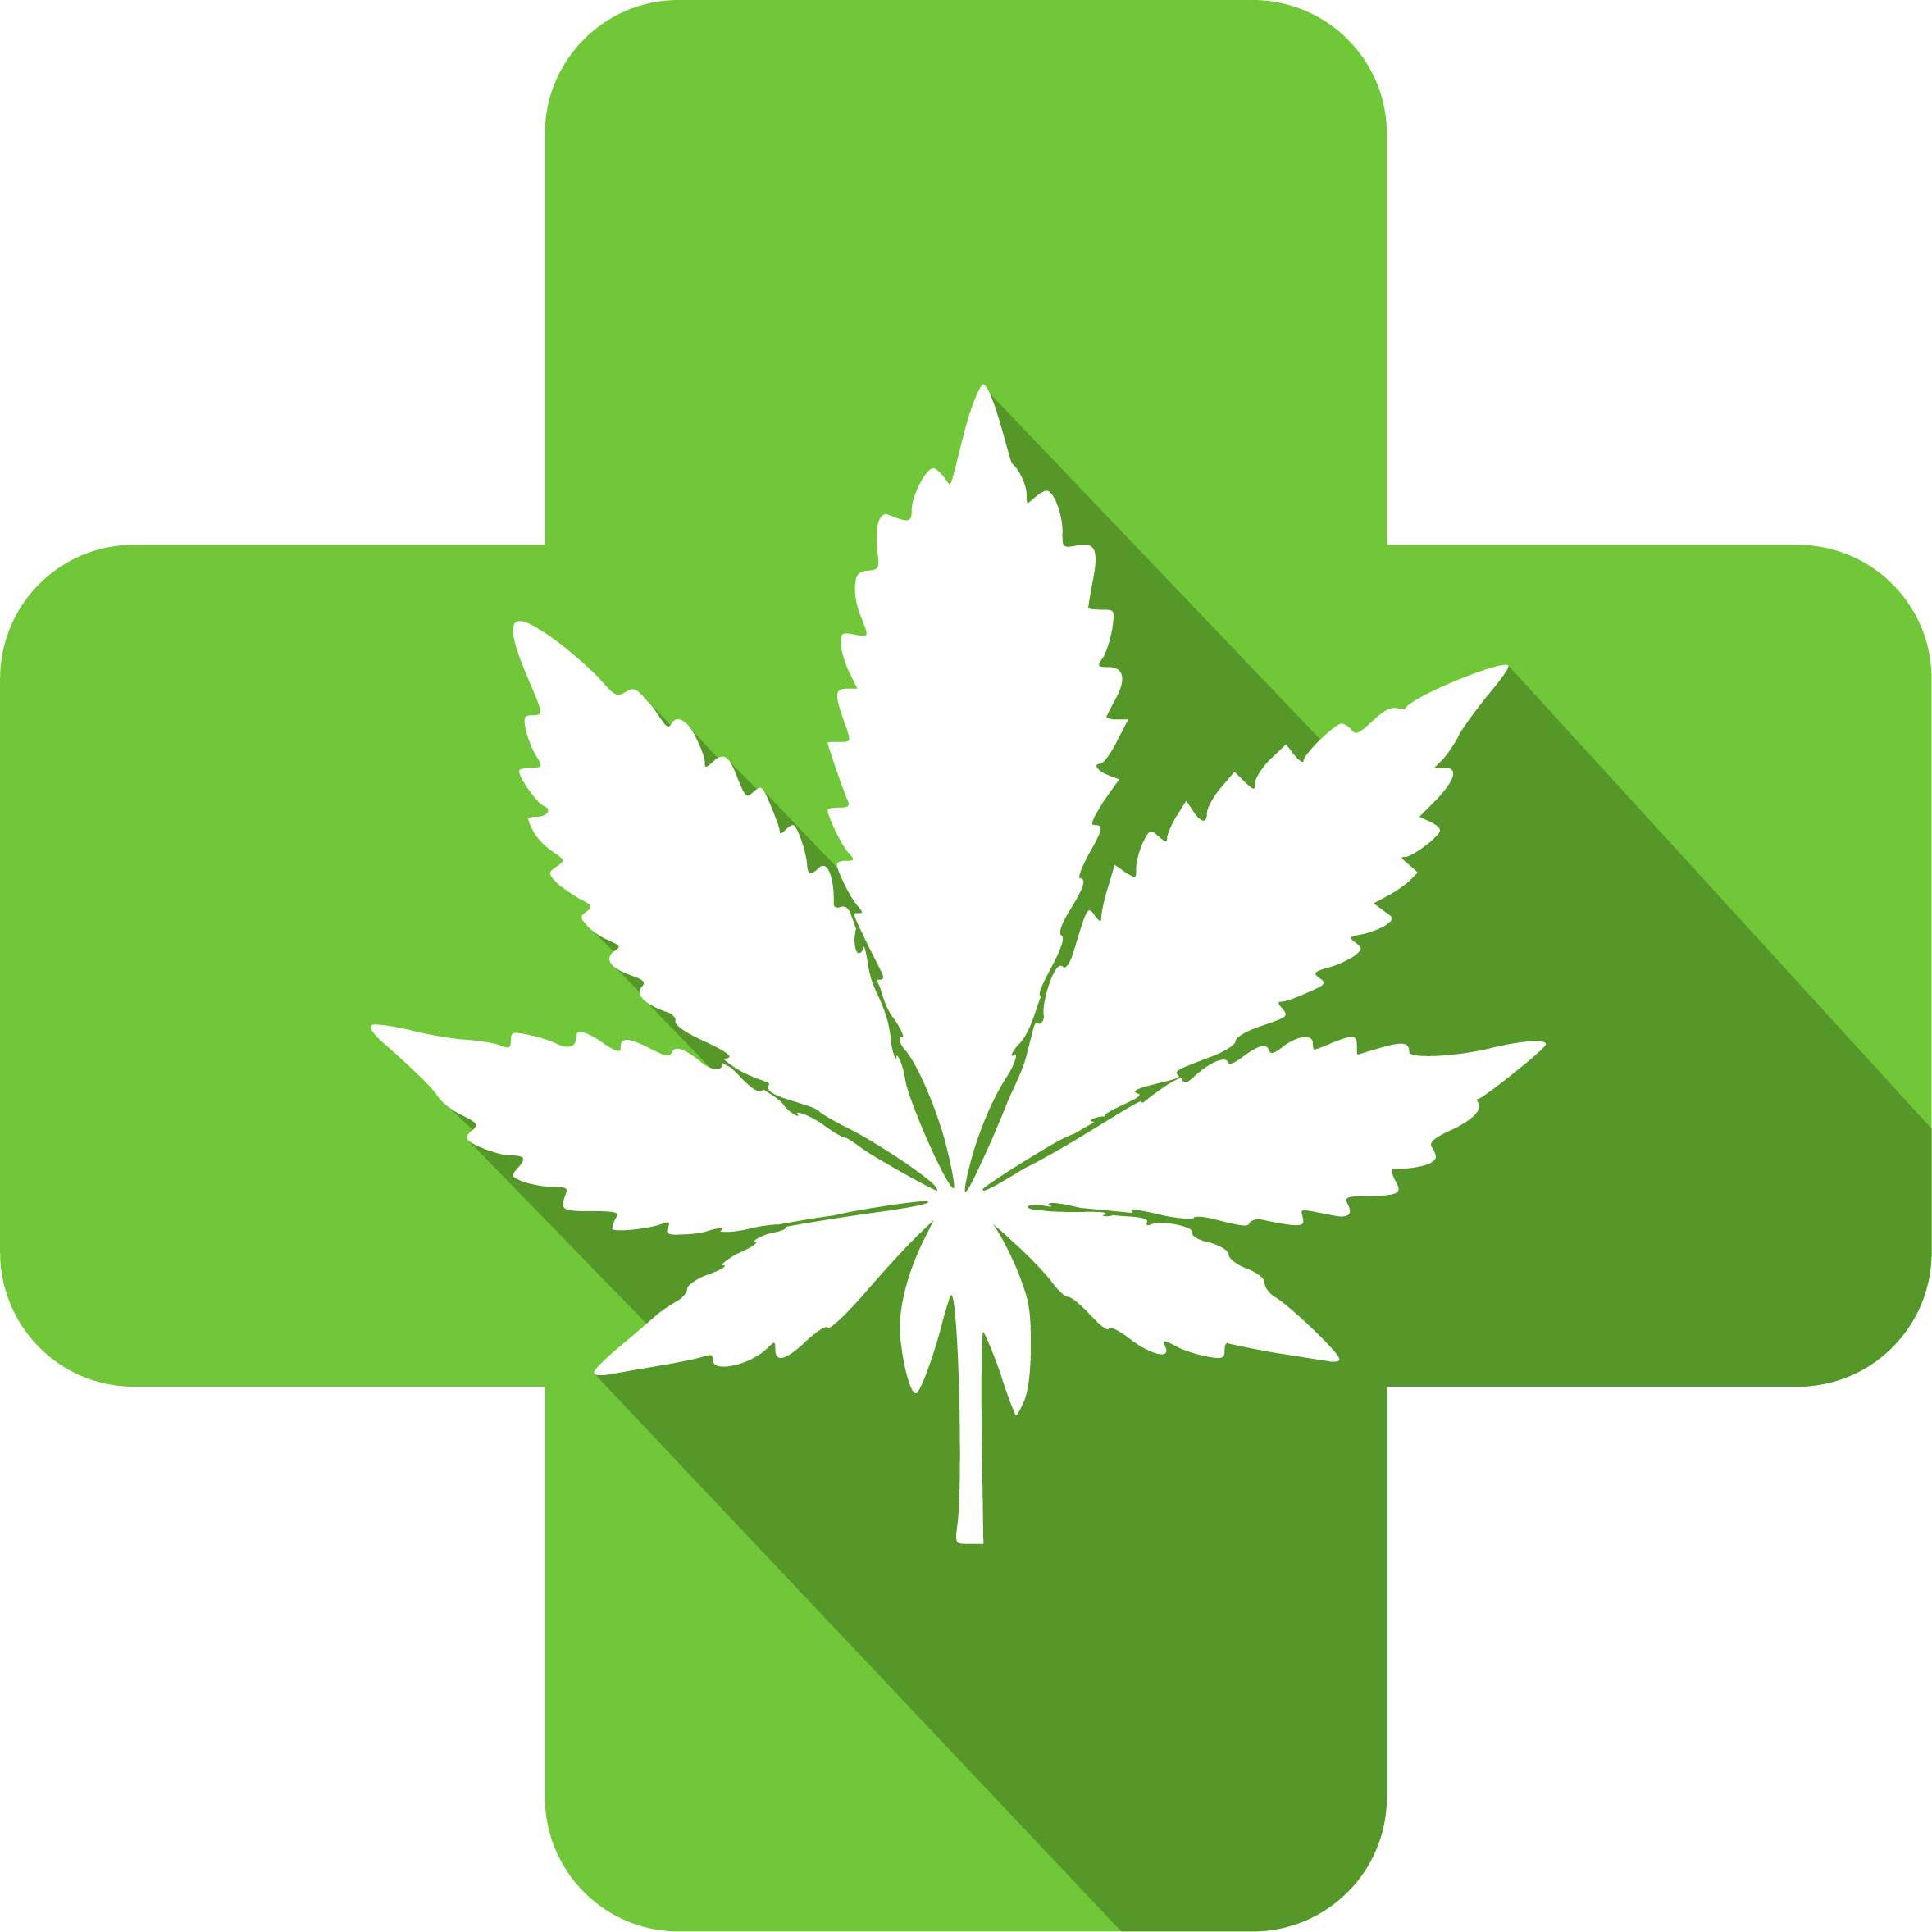 Les cannabinoïdes sont des composés pouvant influencer le fonctionnement du système nerveux humain. Les cannabinoïdes majeurs sont le THC, le CBD et le CBG. Ils diffèrent par leur structure chimique et leur actions.